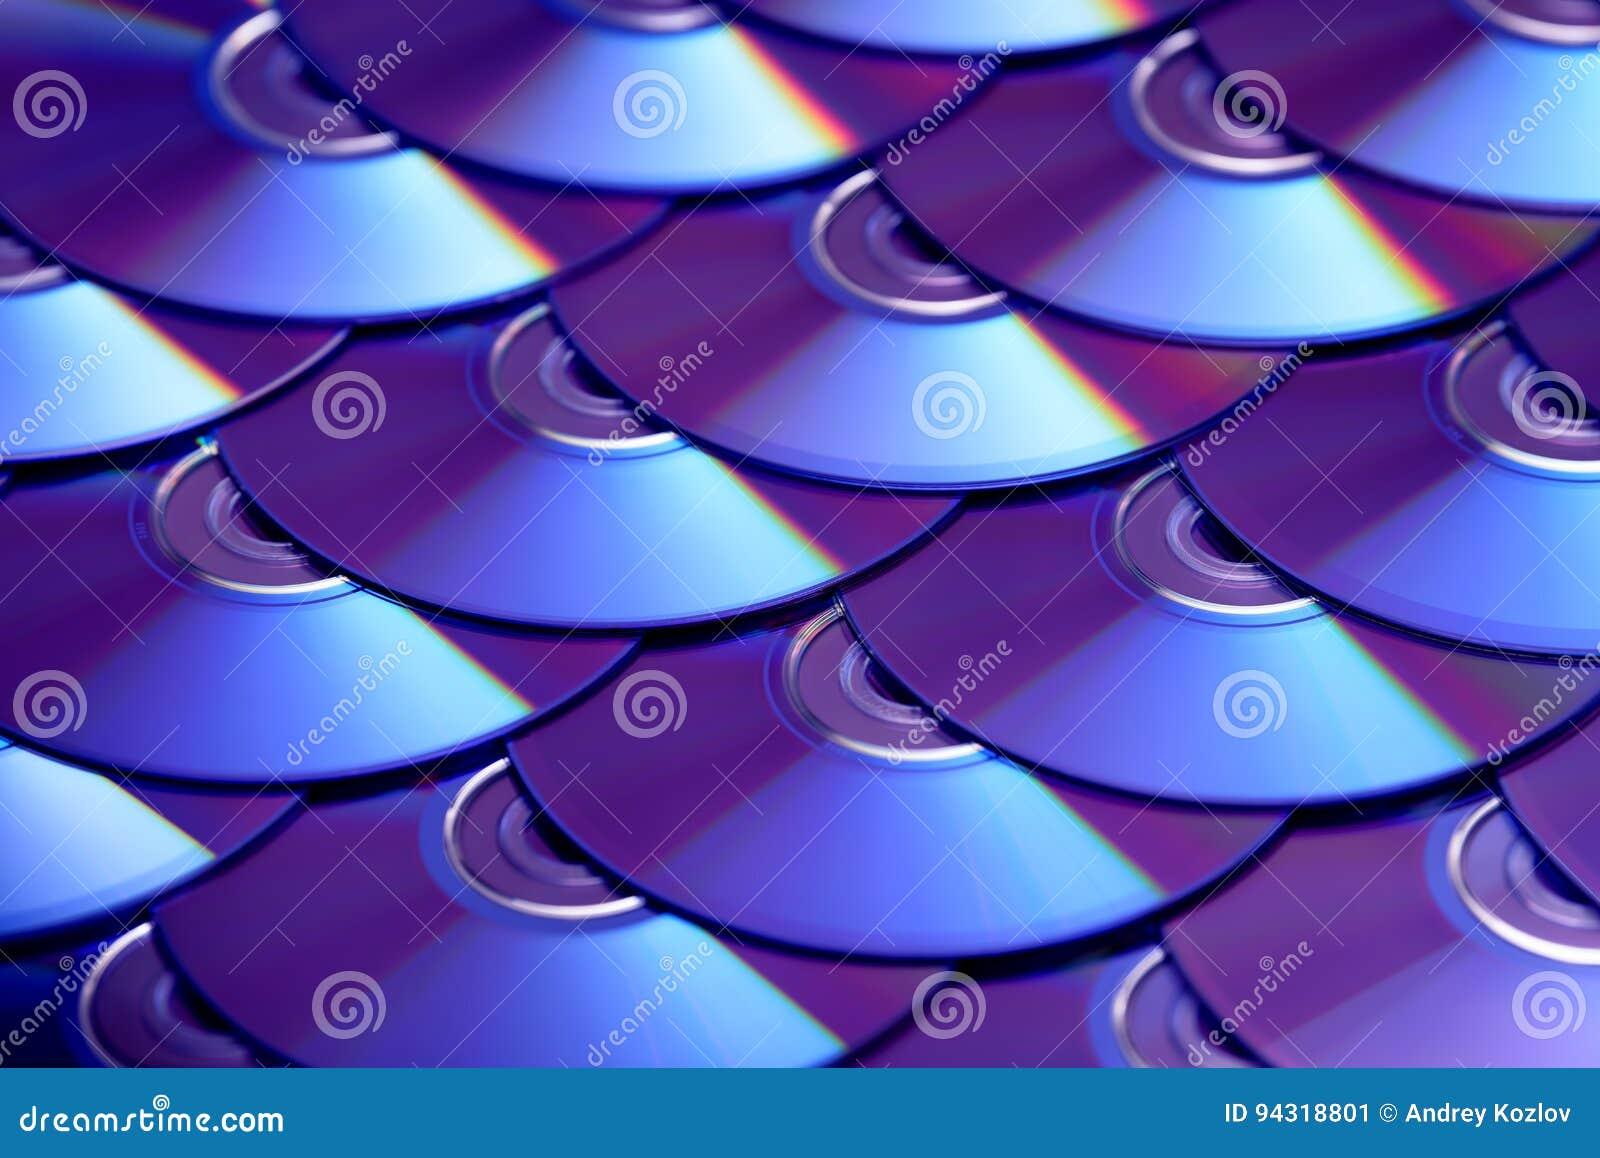 Fondo de los compact-disc Varios discos blu-ray cd del DVD Almacenamiento de datos digitales registrable o reescribible óptico